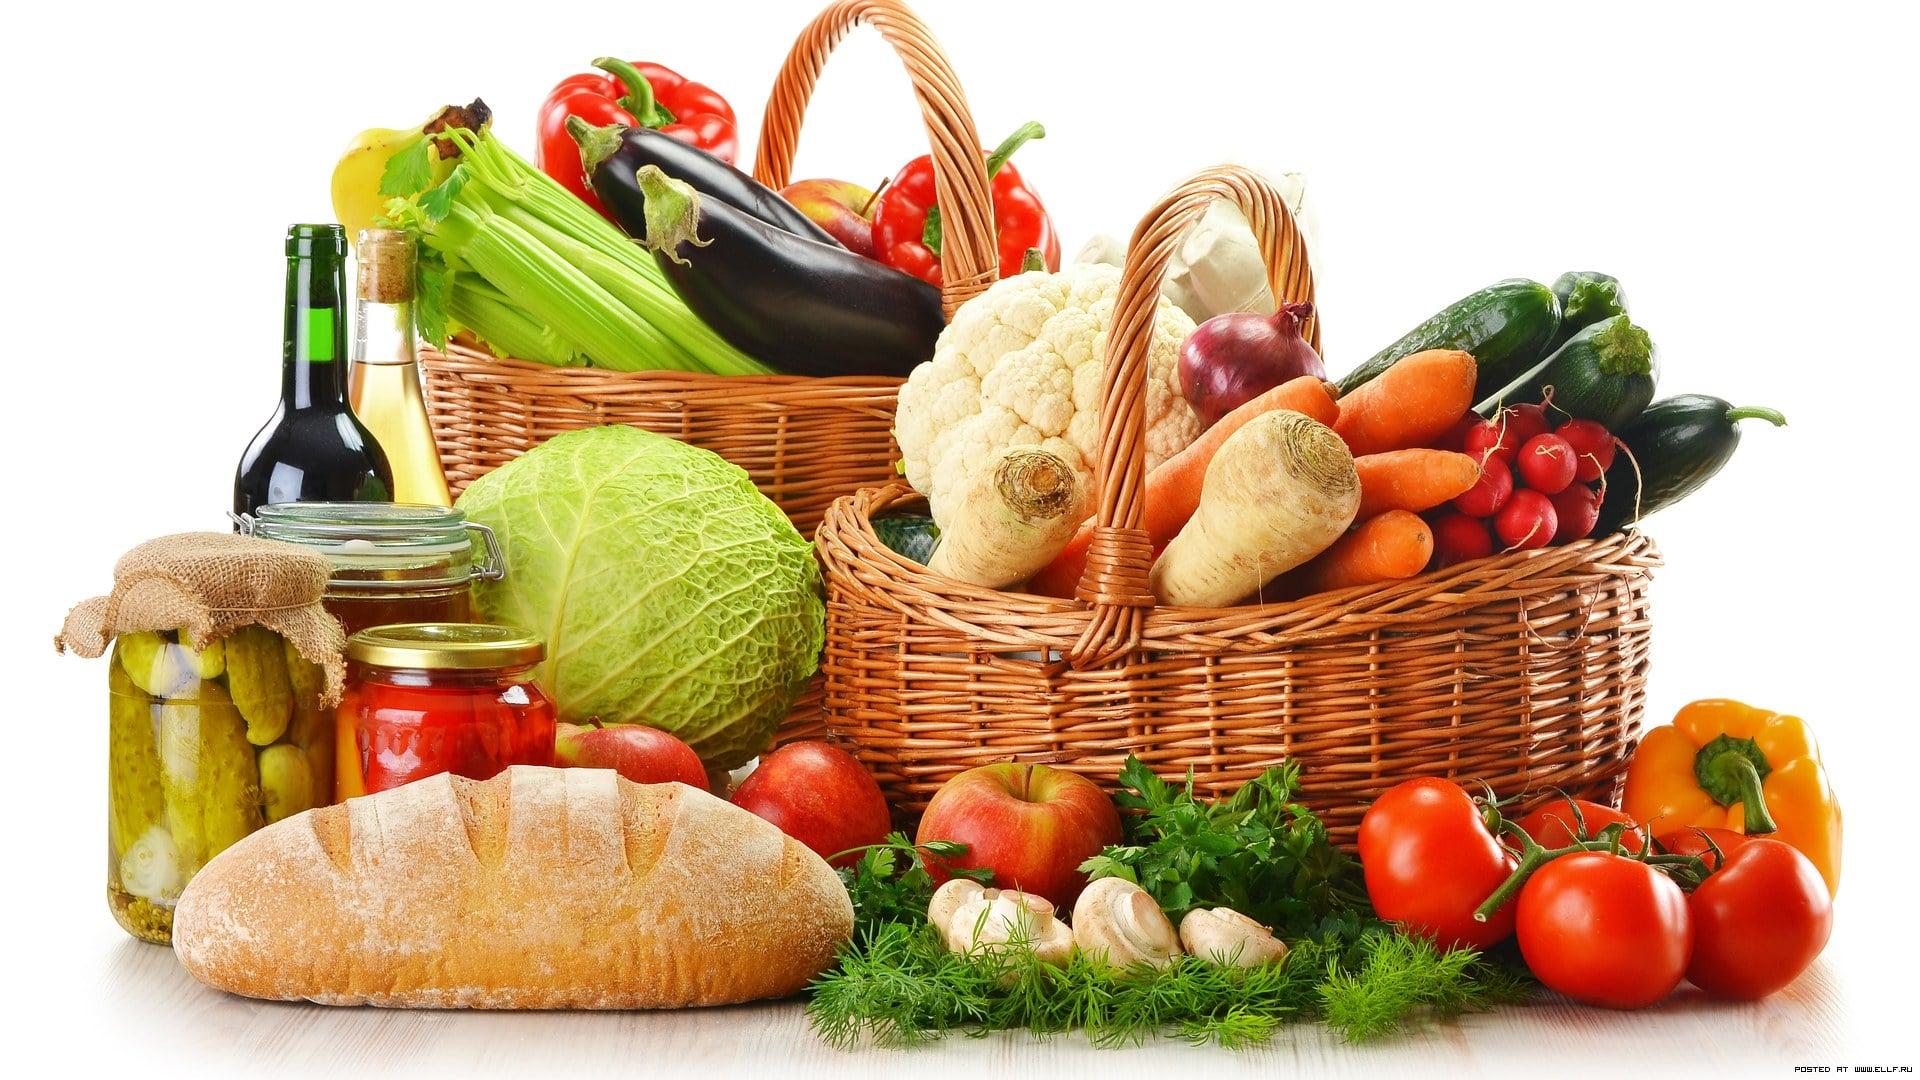 Nam giới cân thay đổi chế độ dinh dưỡng phù hợpđể tăng chất lượng tinh trùng